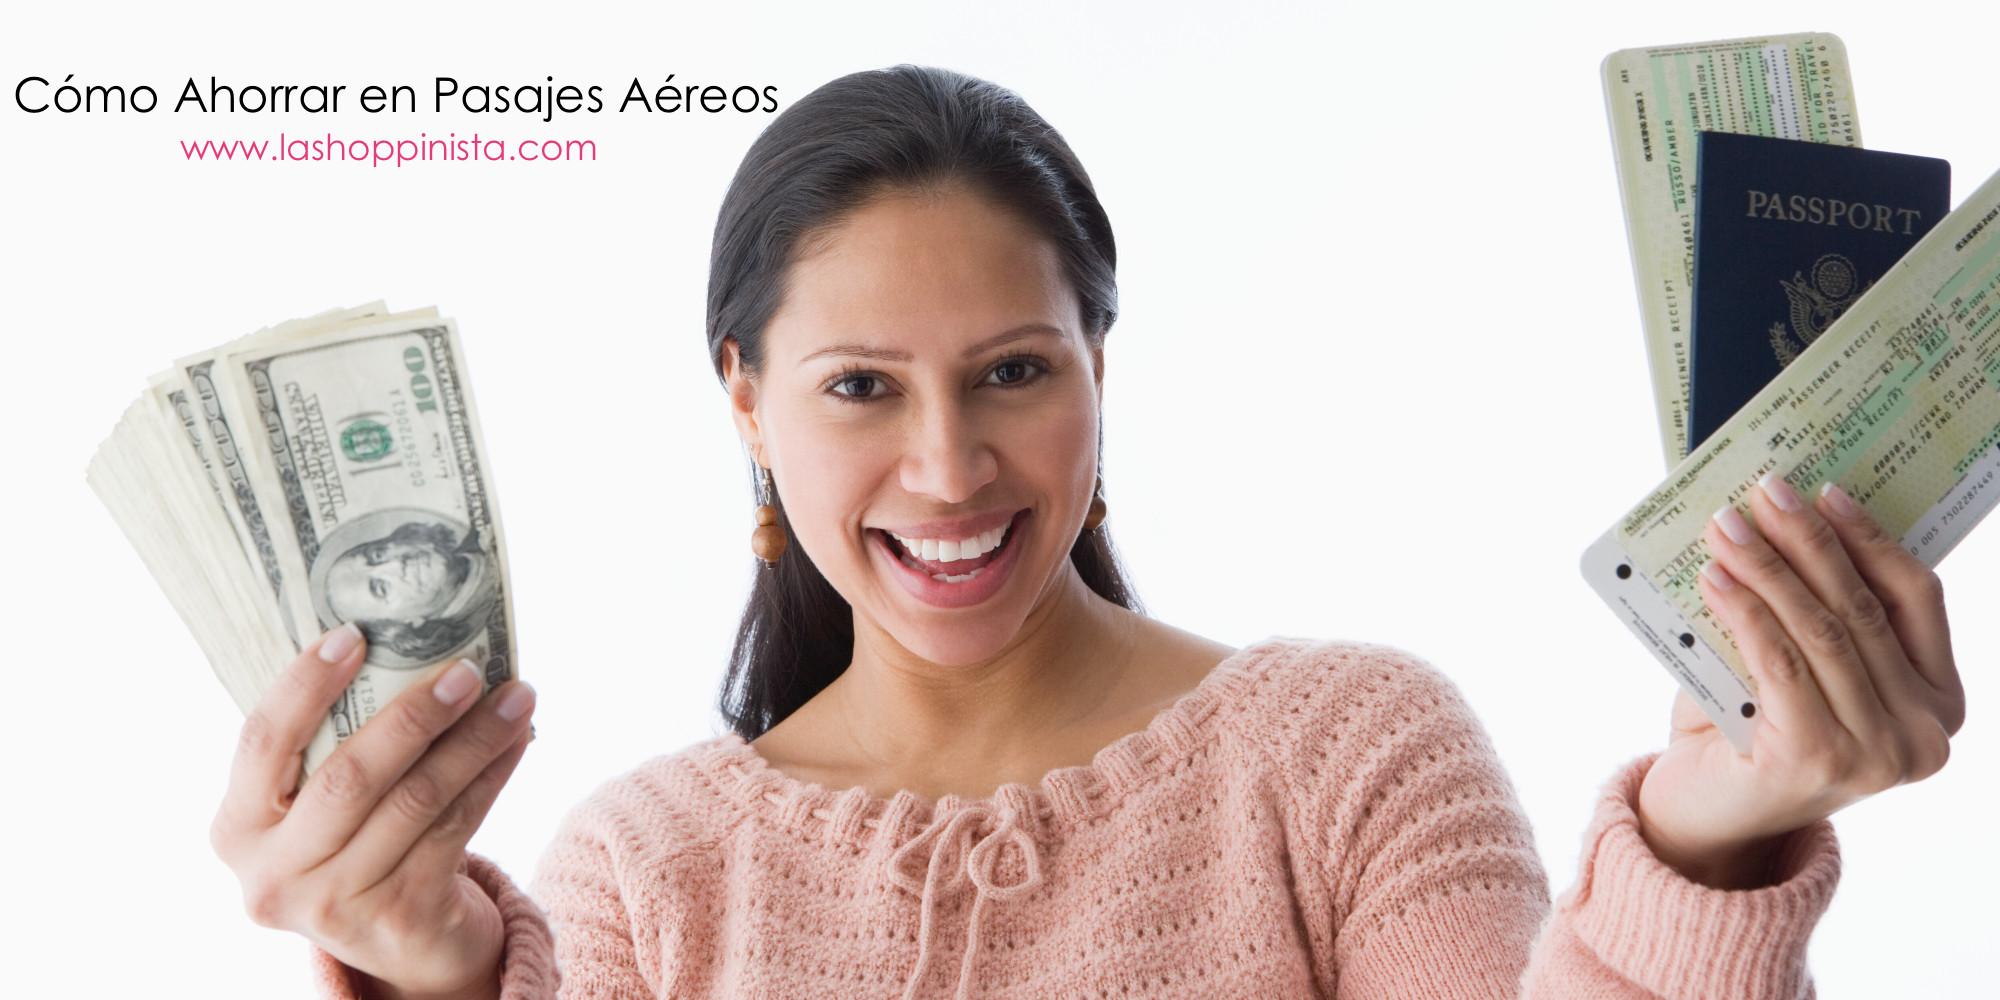 Cómo Ahorrar en Pasajes Aéreos